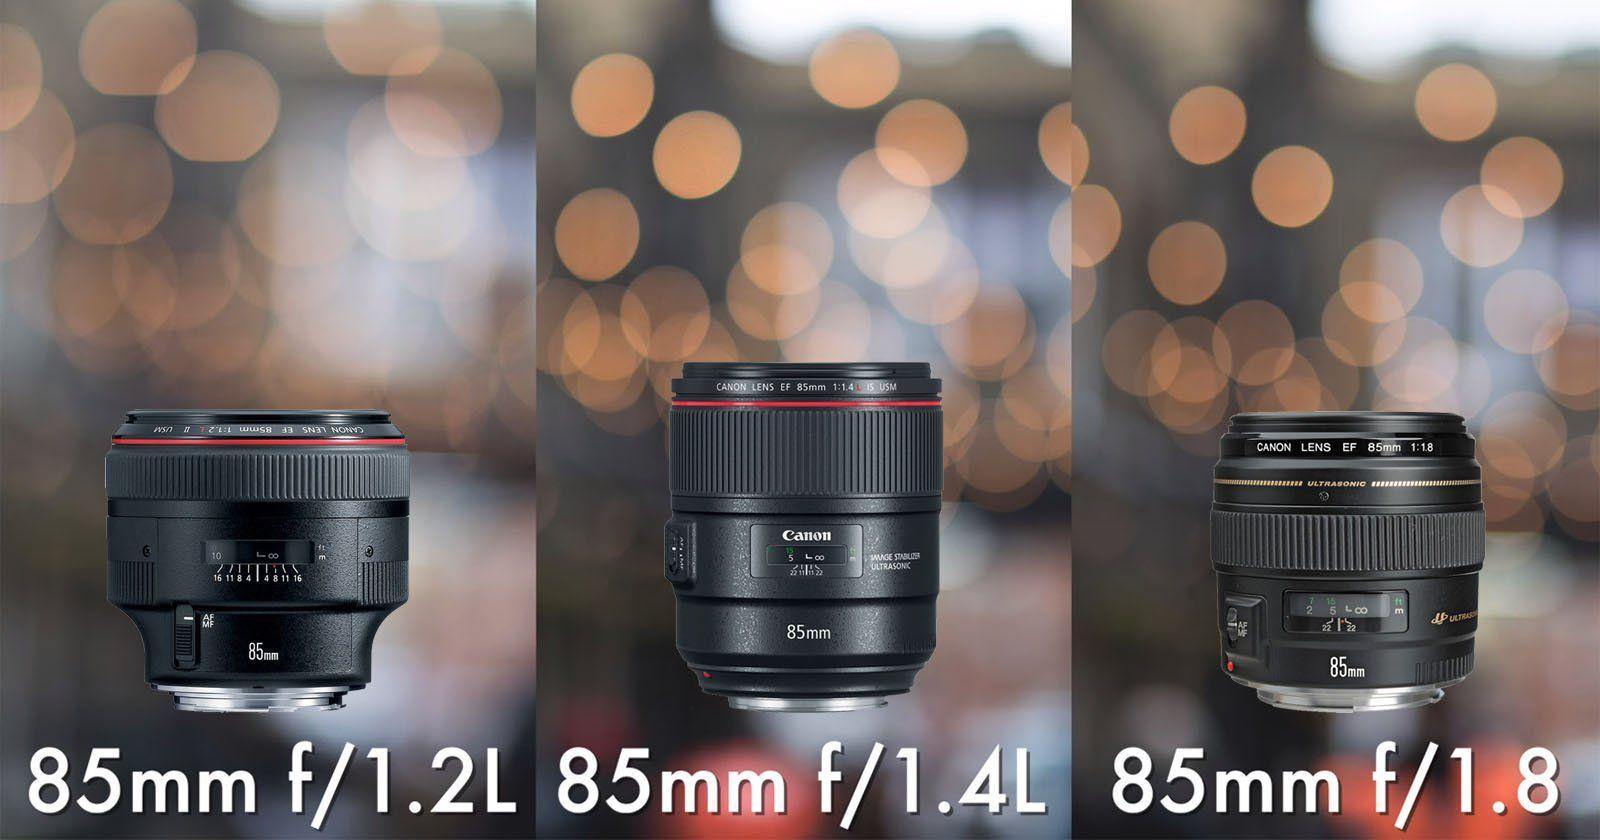 Canon 85mm Shootout F 1 2 Vs F 1 4 Vs F 1 8 Canon 85mm Best Portrait Lens Canon 85mm Lens Photography Canon